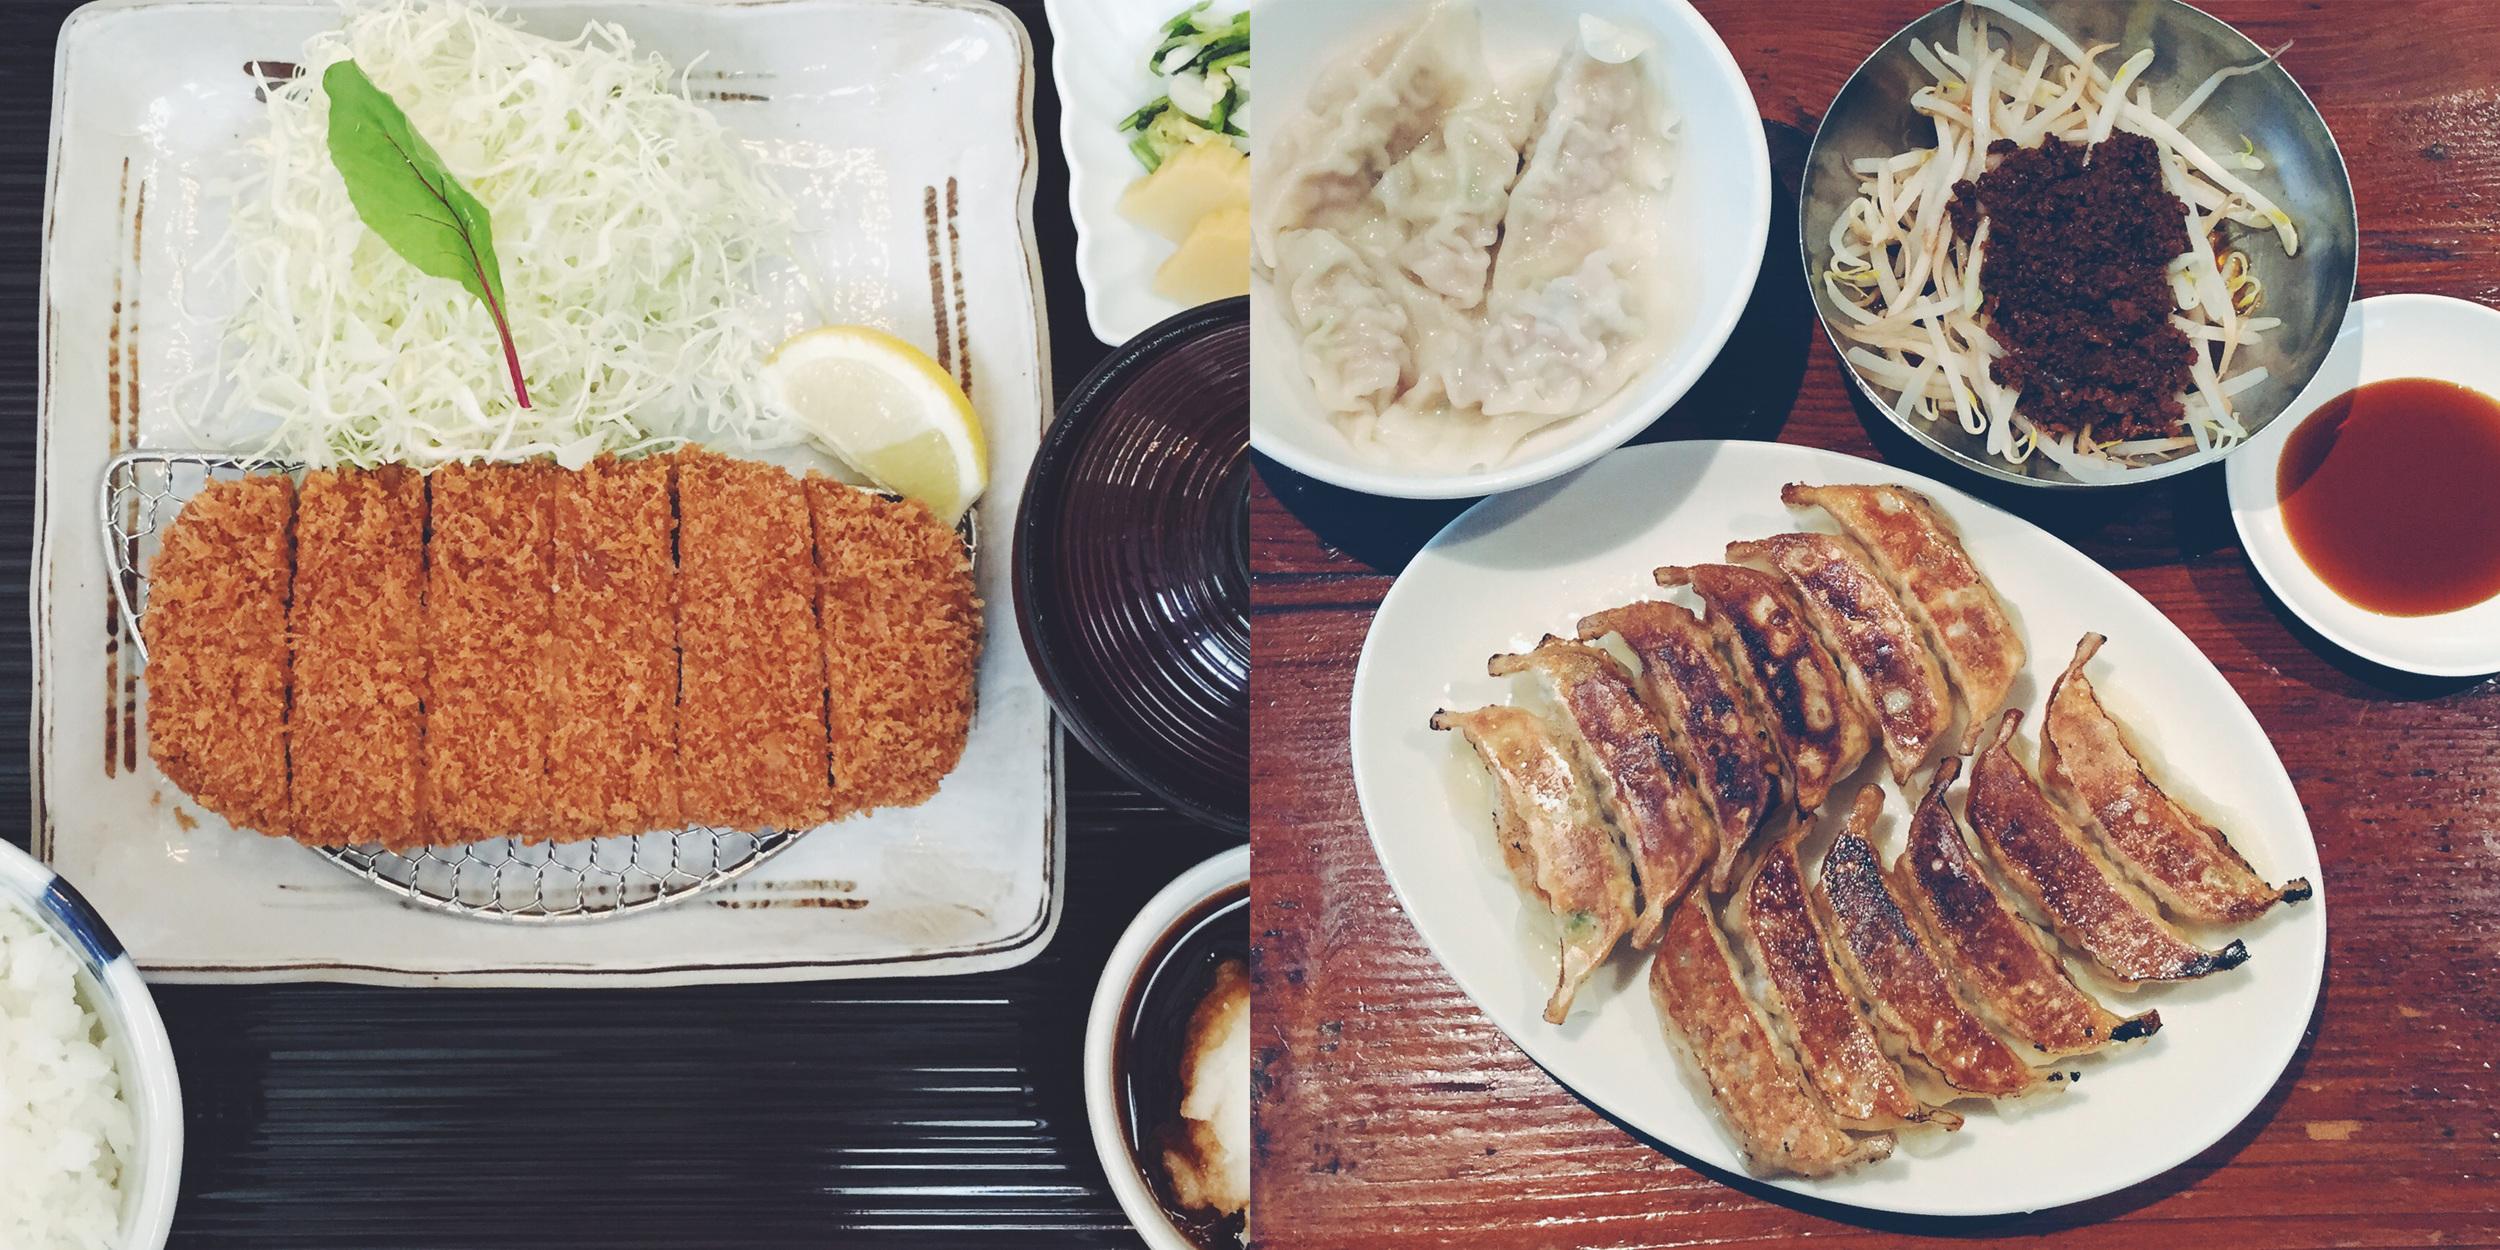 renaphuah-tokyo-food